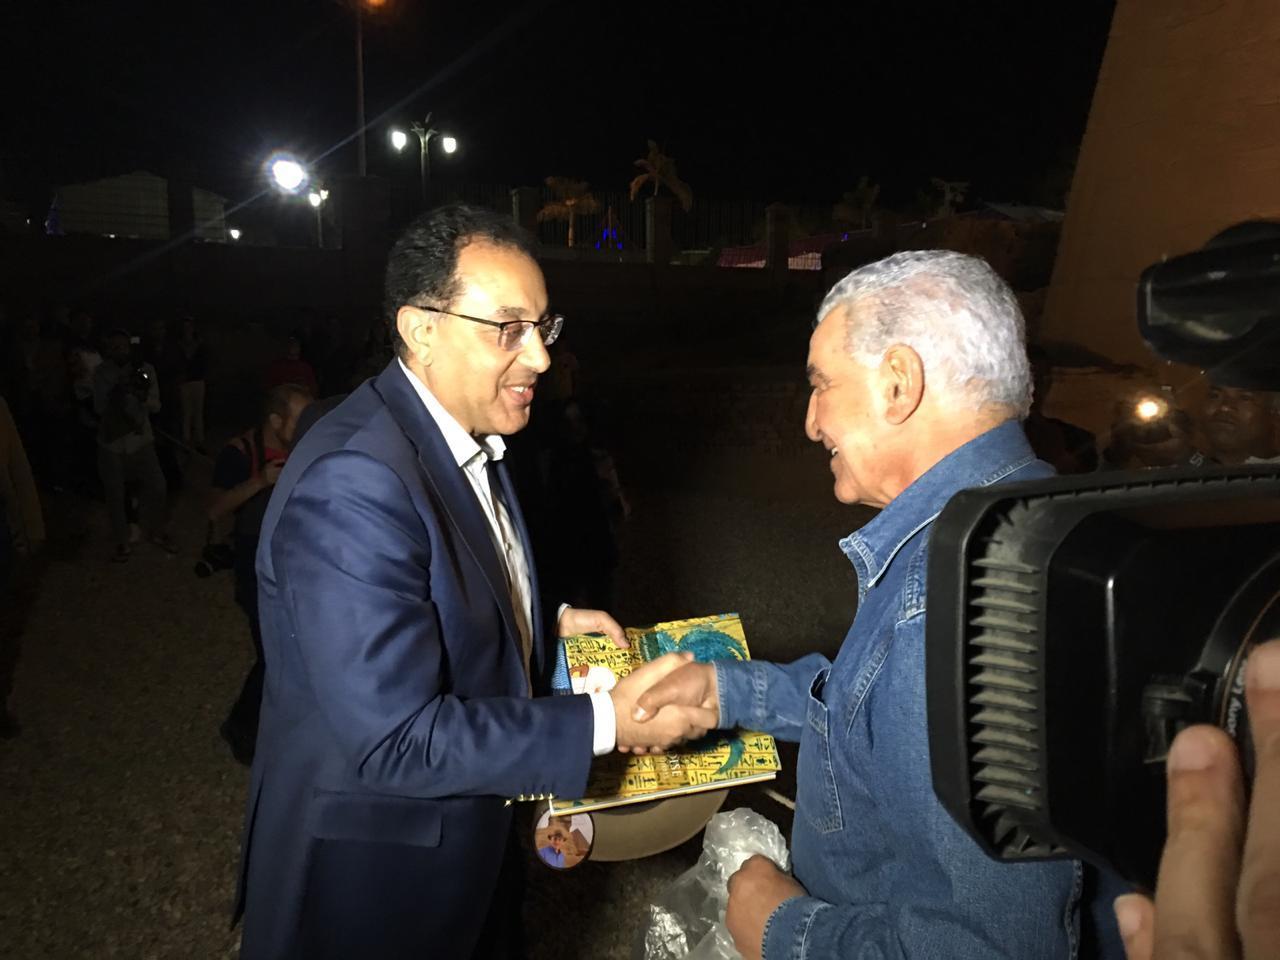 زاهي حواس يهدي قبعته لرئيس مجلس الوزراء2 (2)